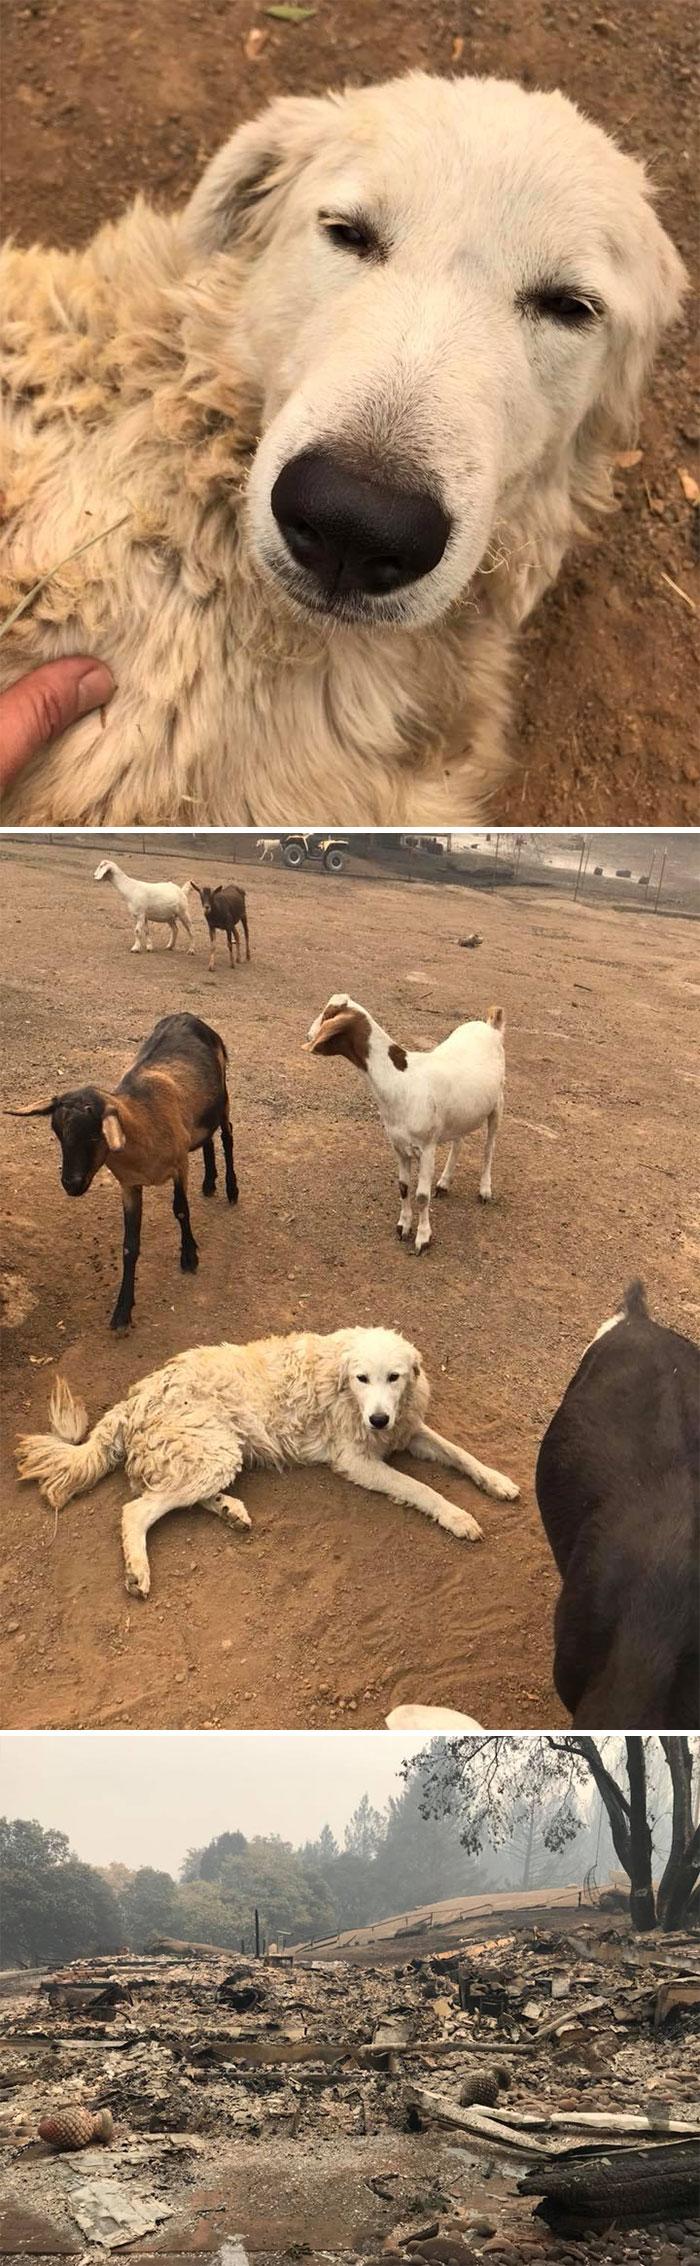 cachorros desaparecidos